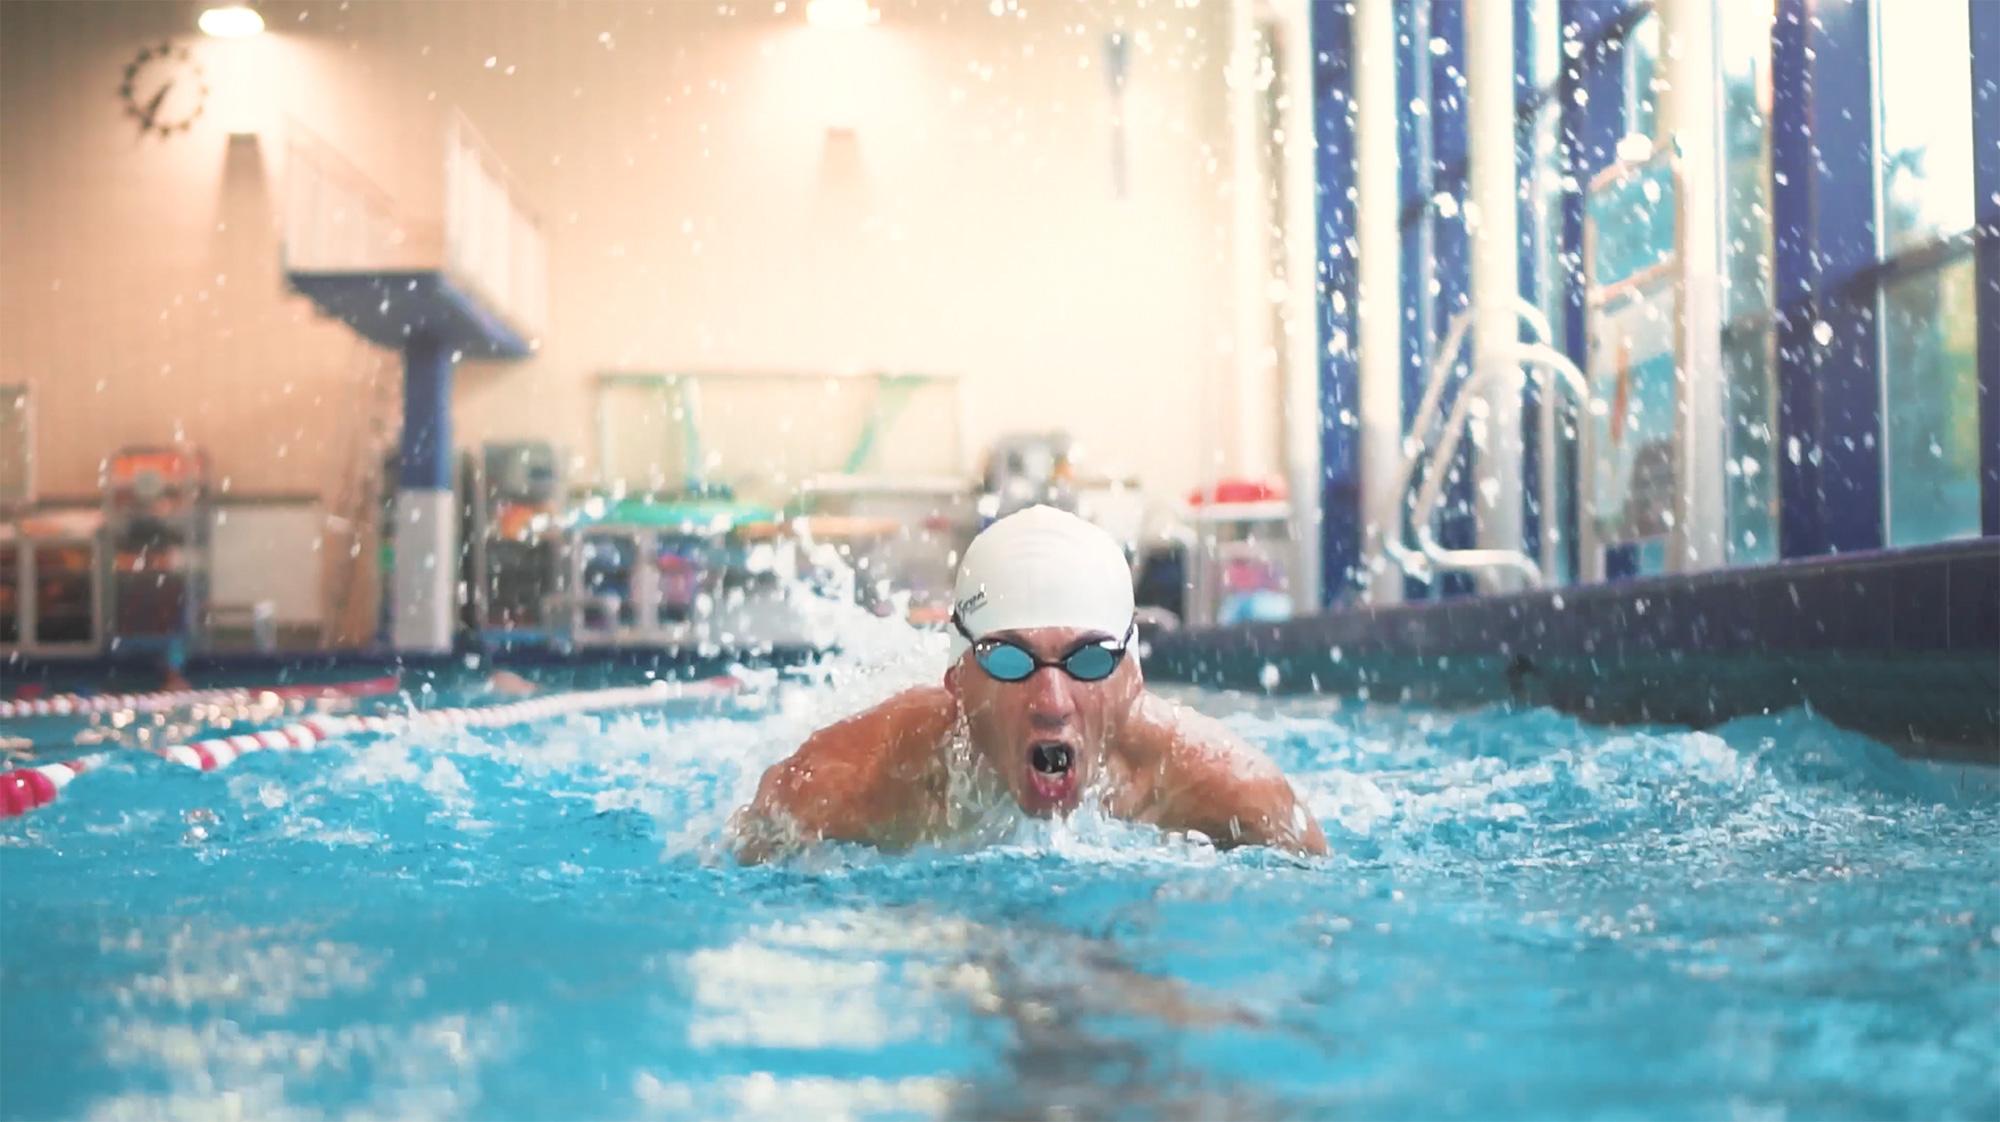 Profischwimmer beim Delfin-Stil